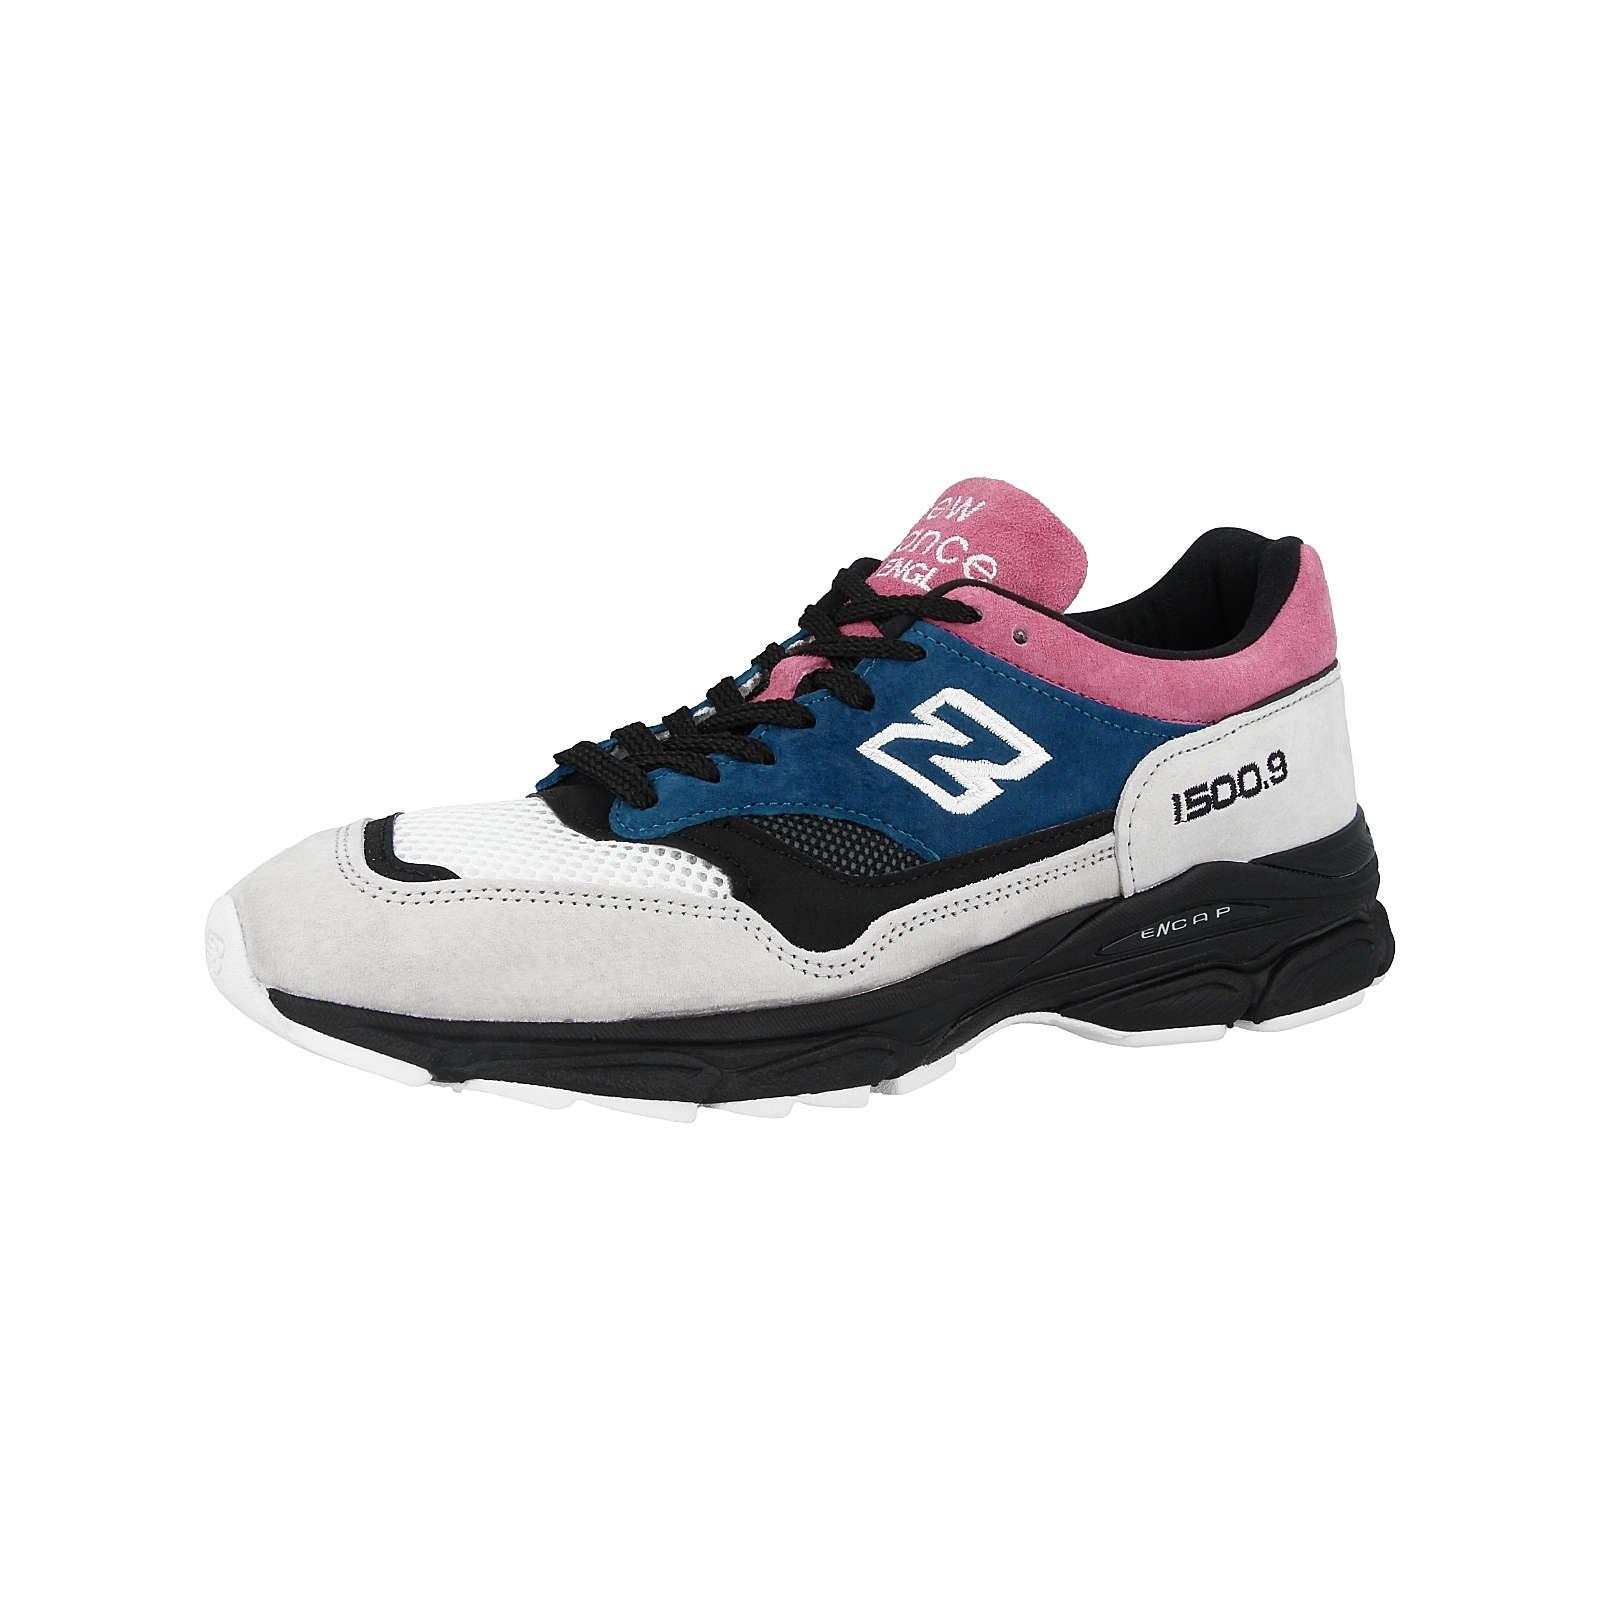 new balance M 1500.9 Sneakers Low mehrfarbig Herren Gr. 45